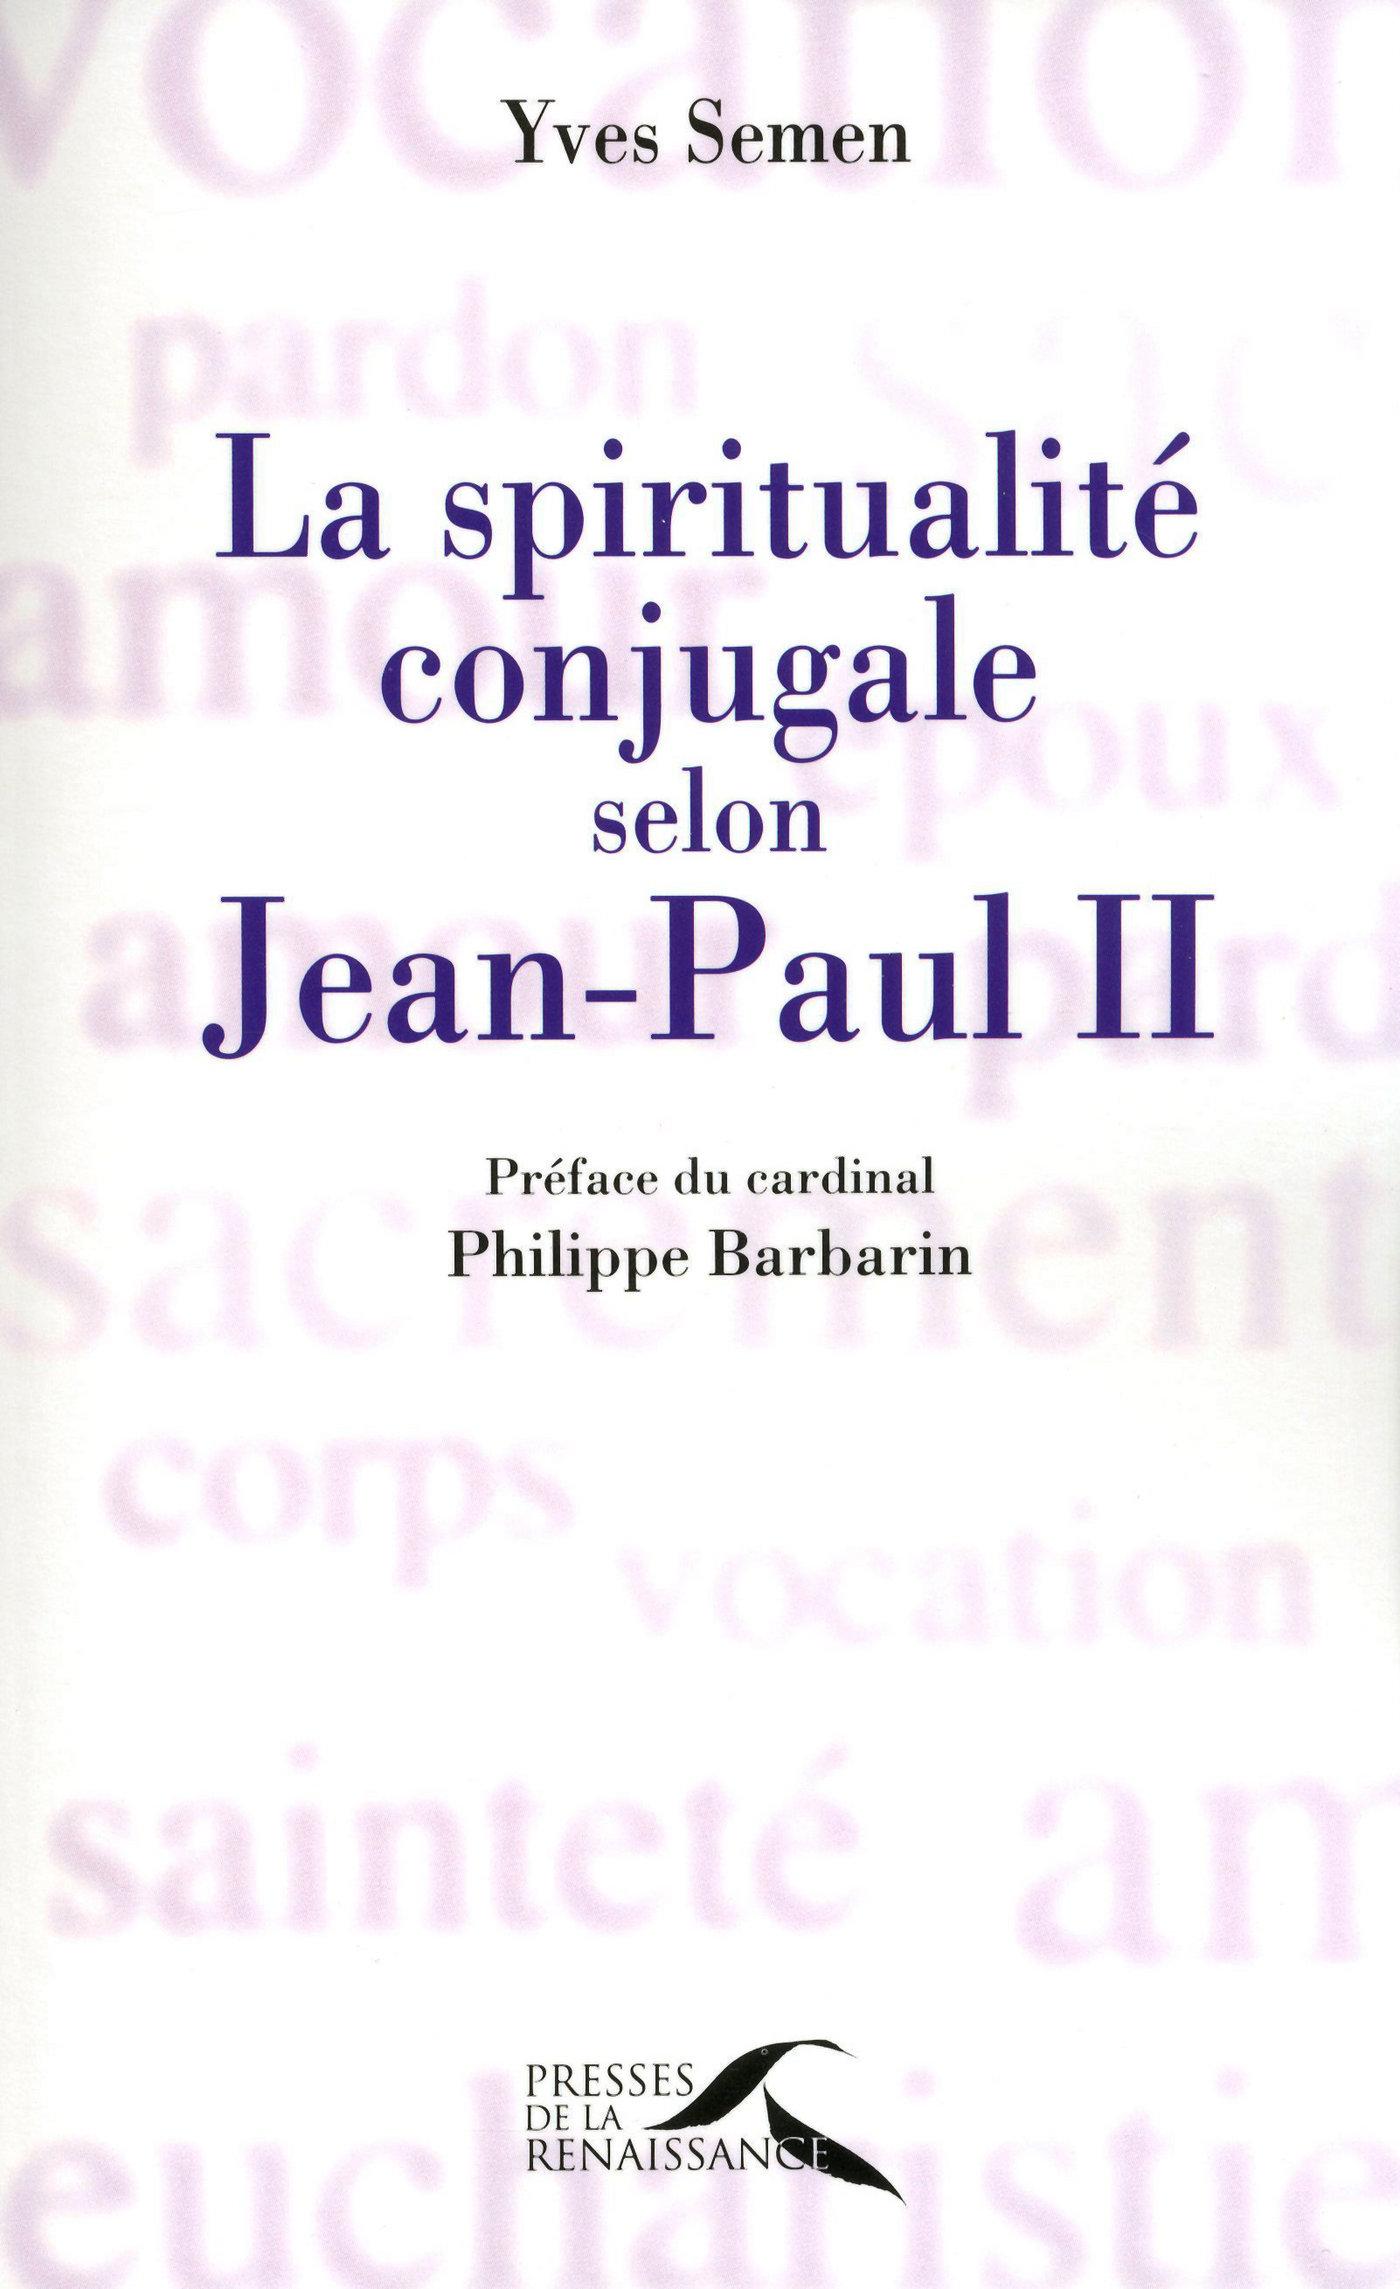 La spiritualité conjugale selon Jean-Paul II (ebook)